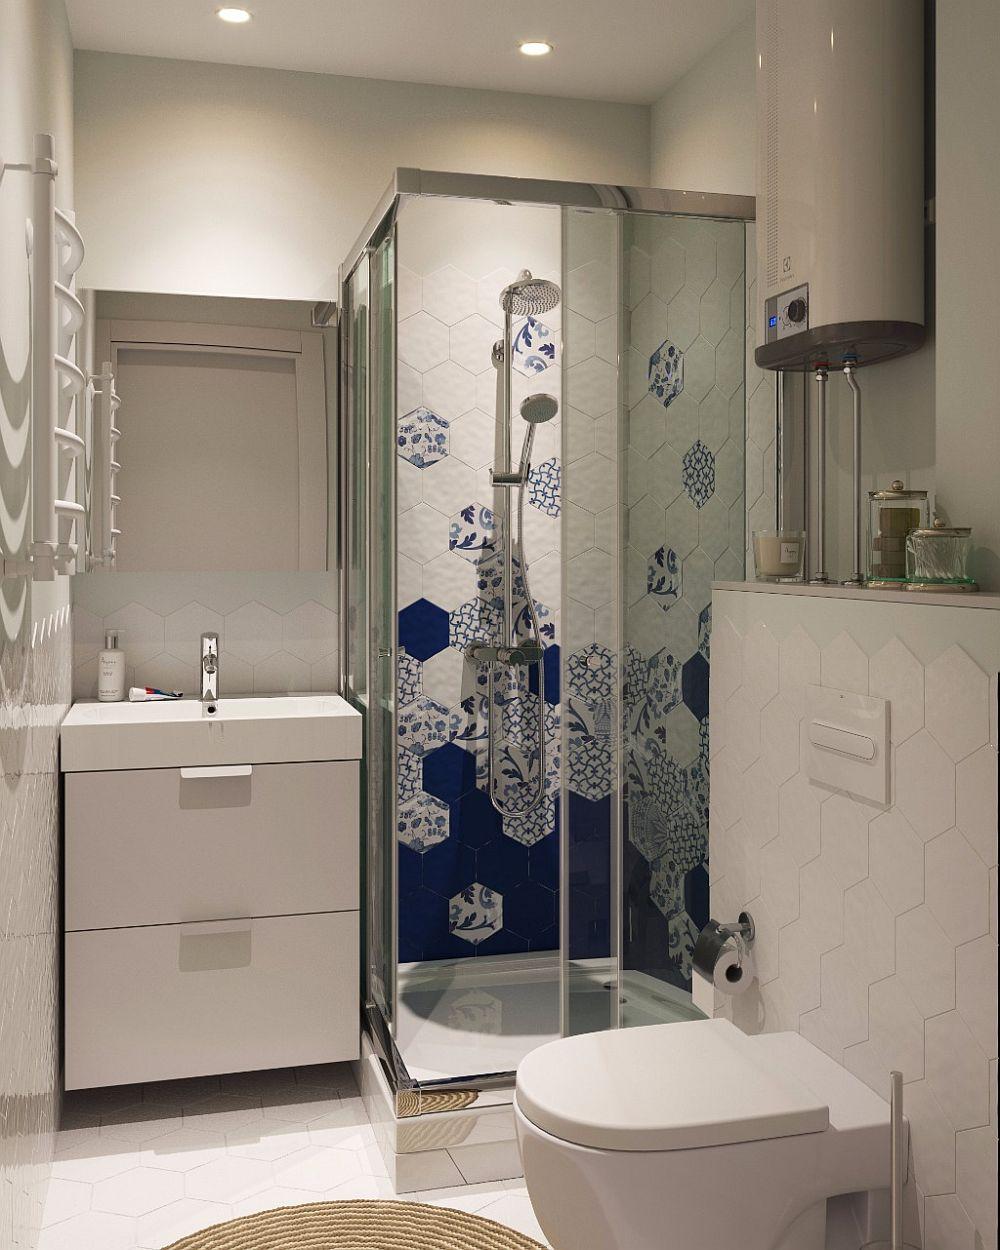 Camera de baie este mică, dar bine exploatată. La bloc este mai dificil de realizat duș cu rigolă îngropată, așa că pentru cabina de duș s-a ales o cădiță ca bază. Plăcile ceramice sunt de la firma italiană Tonalite.